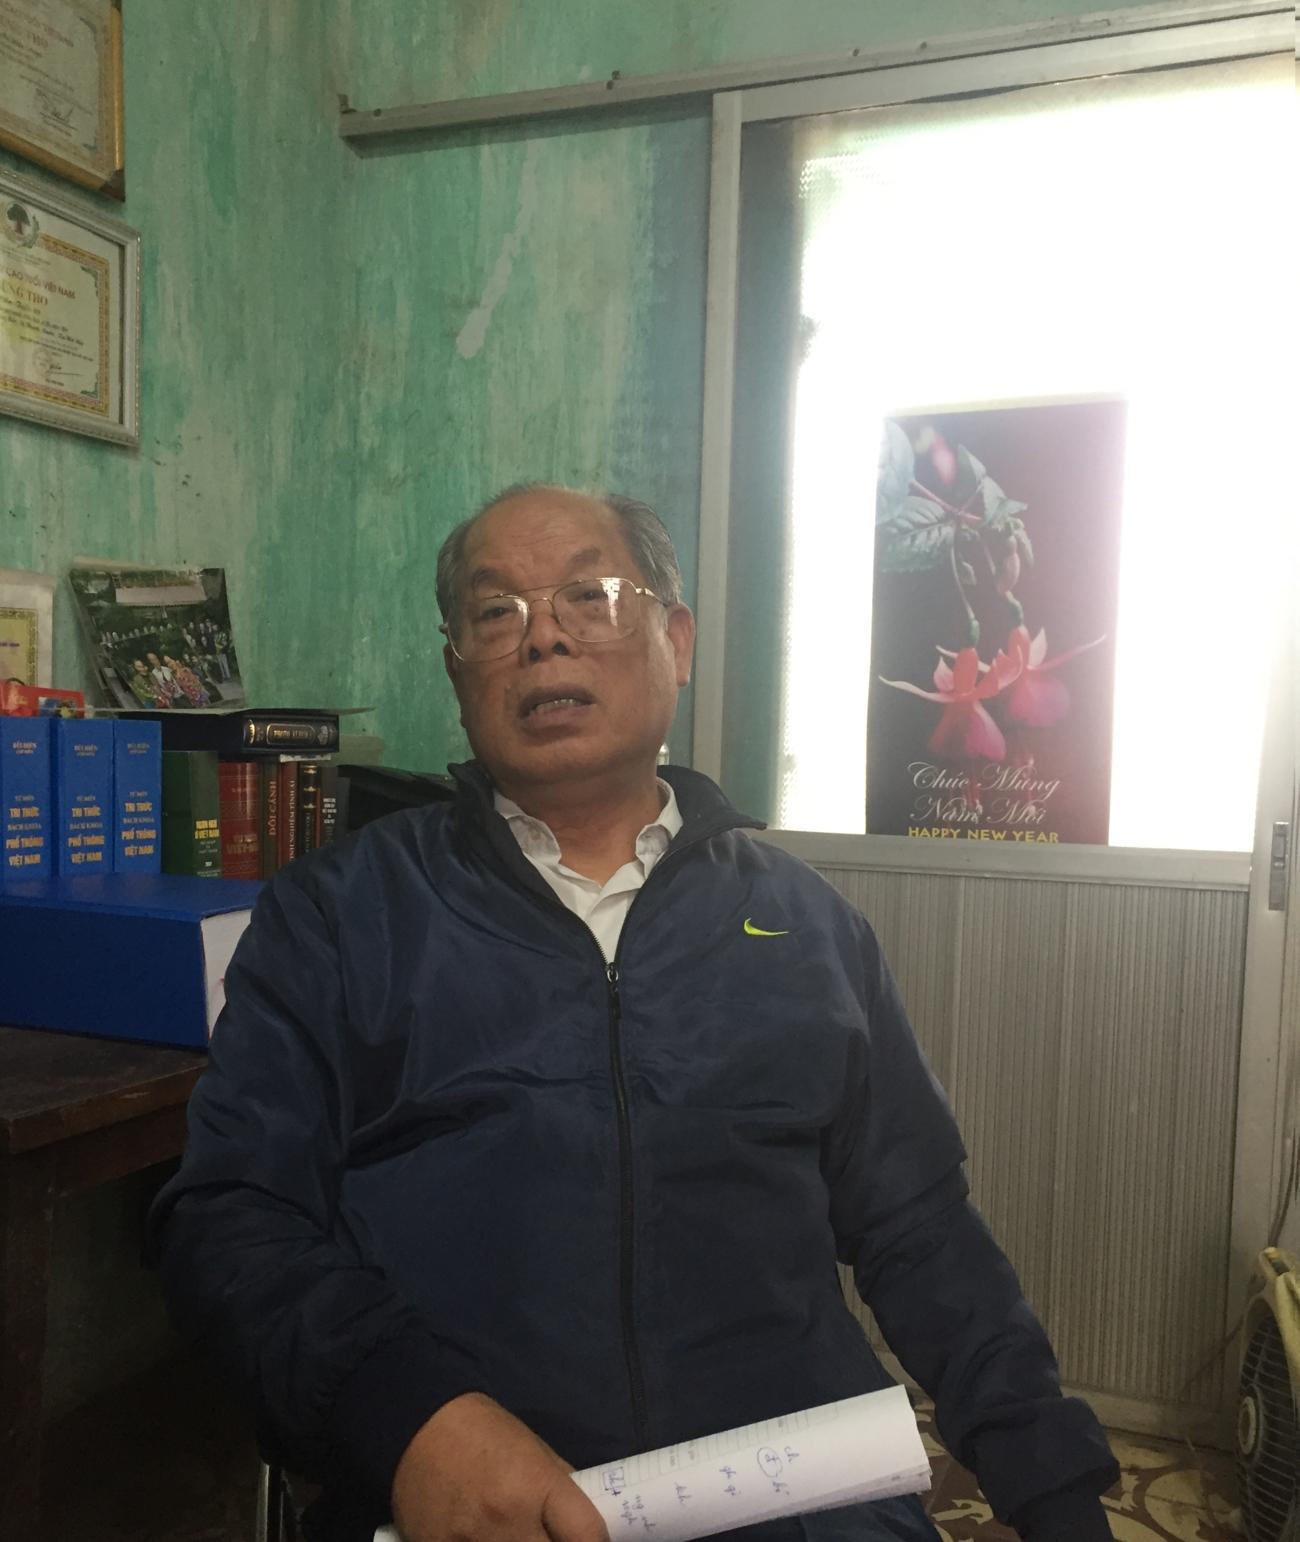 PGS. TS Bùi Hiền: 'Họ chửi tôi điên, nhưng lại học chữ của tôi để chế nhạo tôi rất nhanh' - Ảnh 5